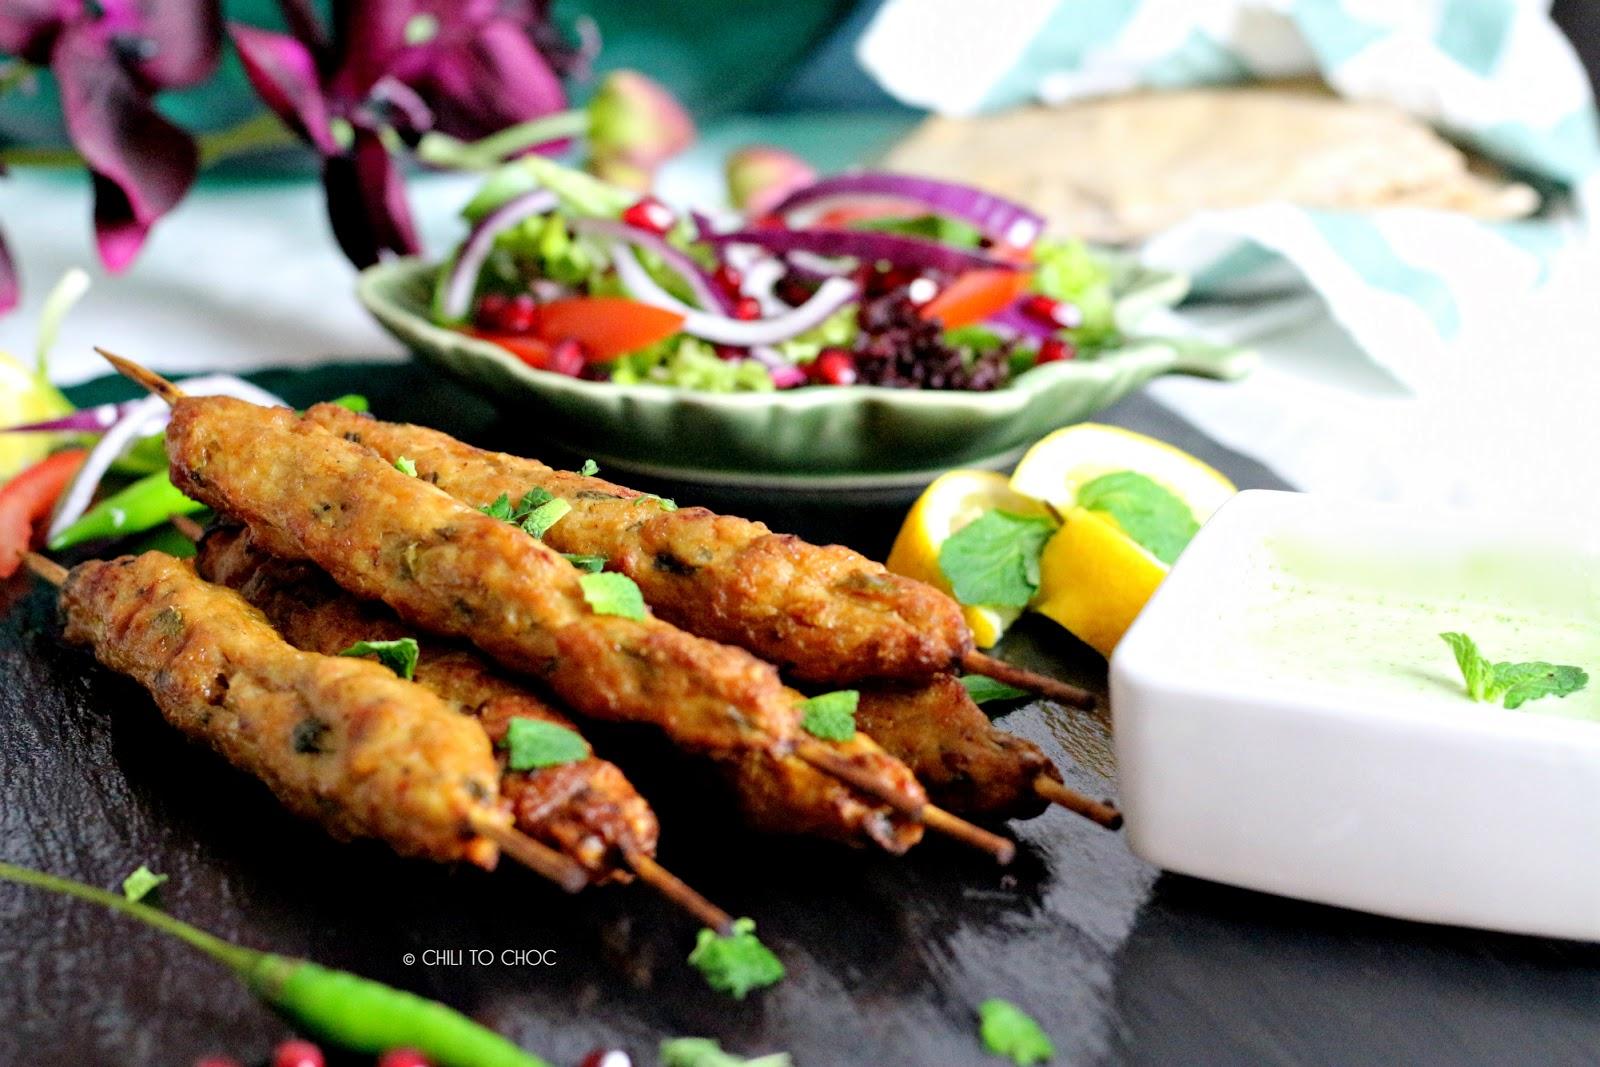 Baked Seekh Kabab (Ground Meat Skewers)